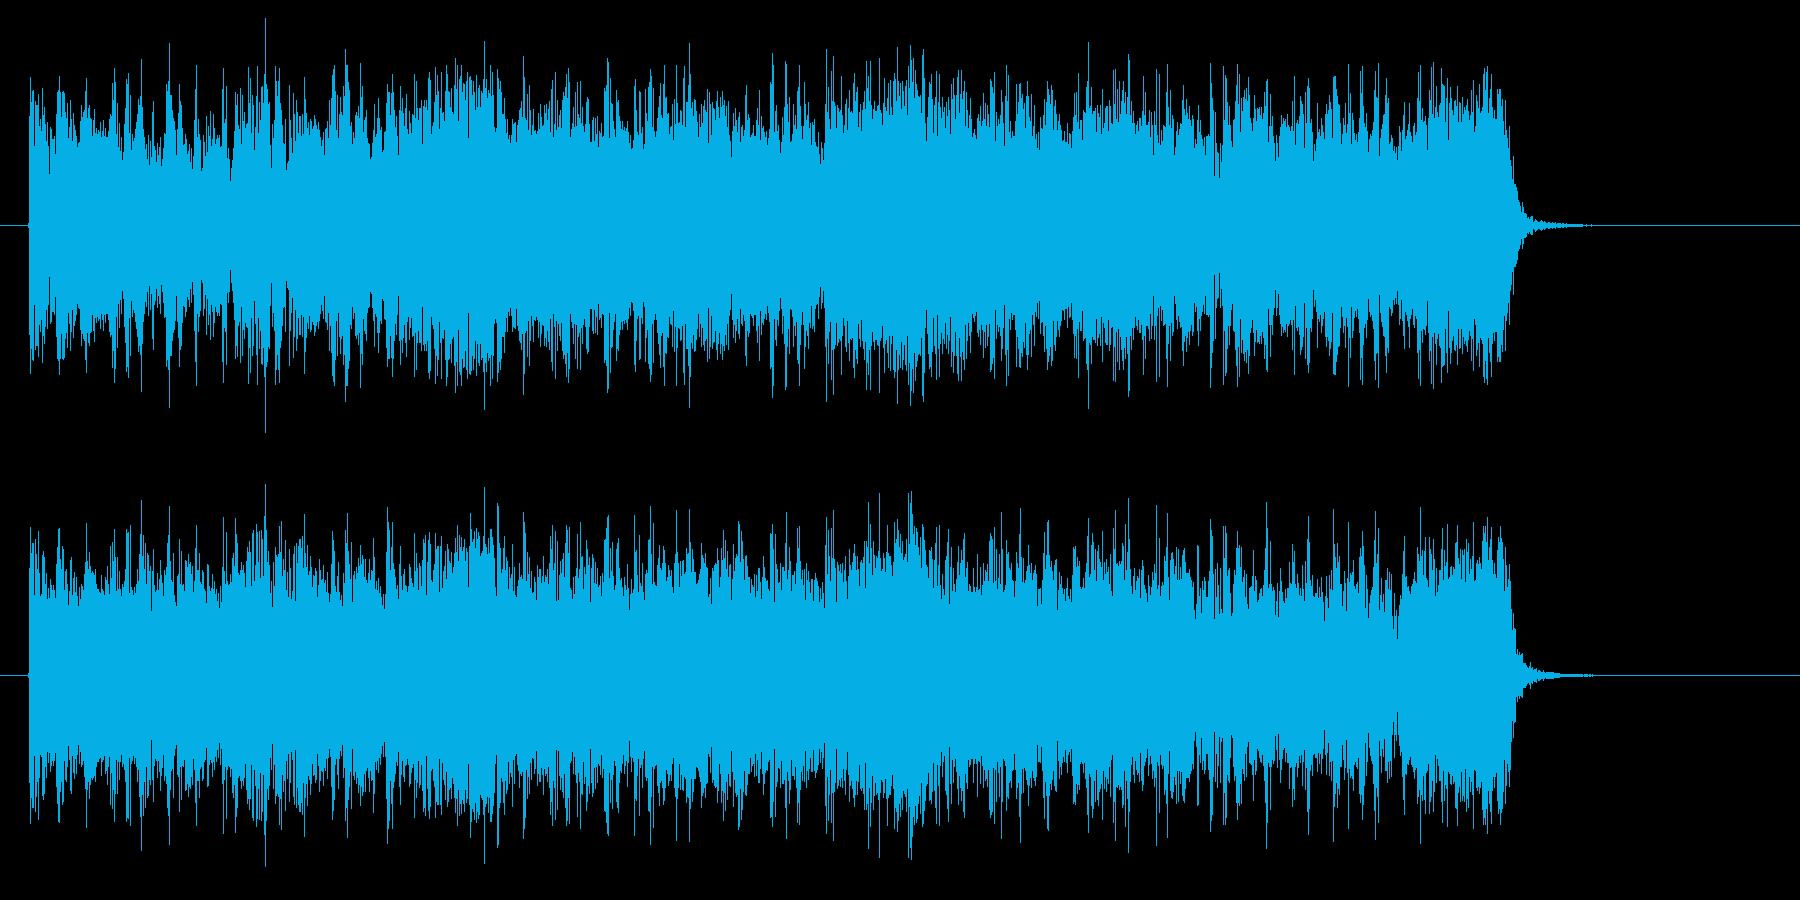 勢いがあり激しくベースが印象的なロックの再生済みの波形